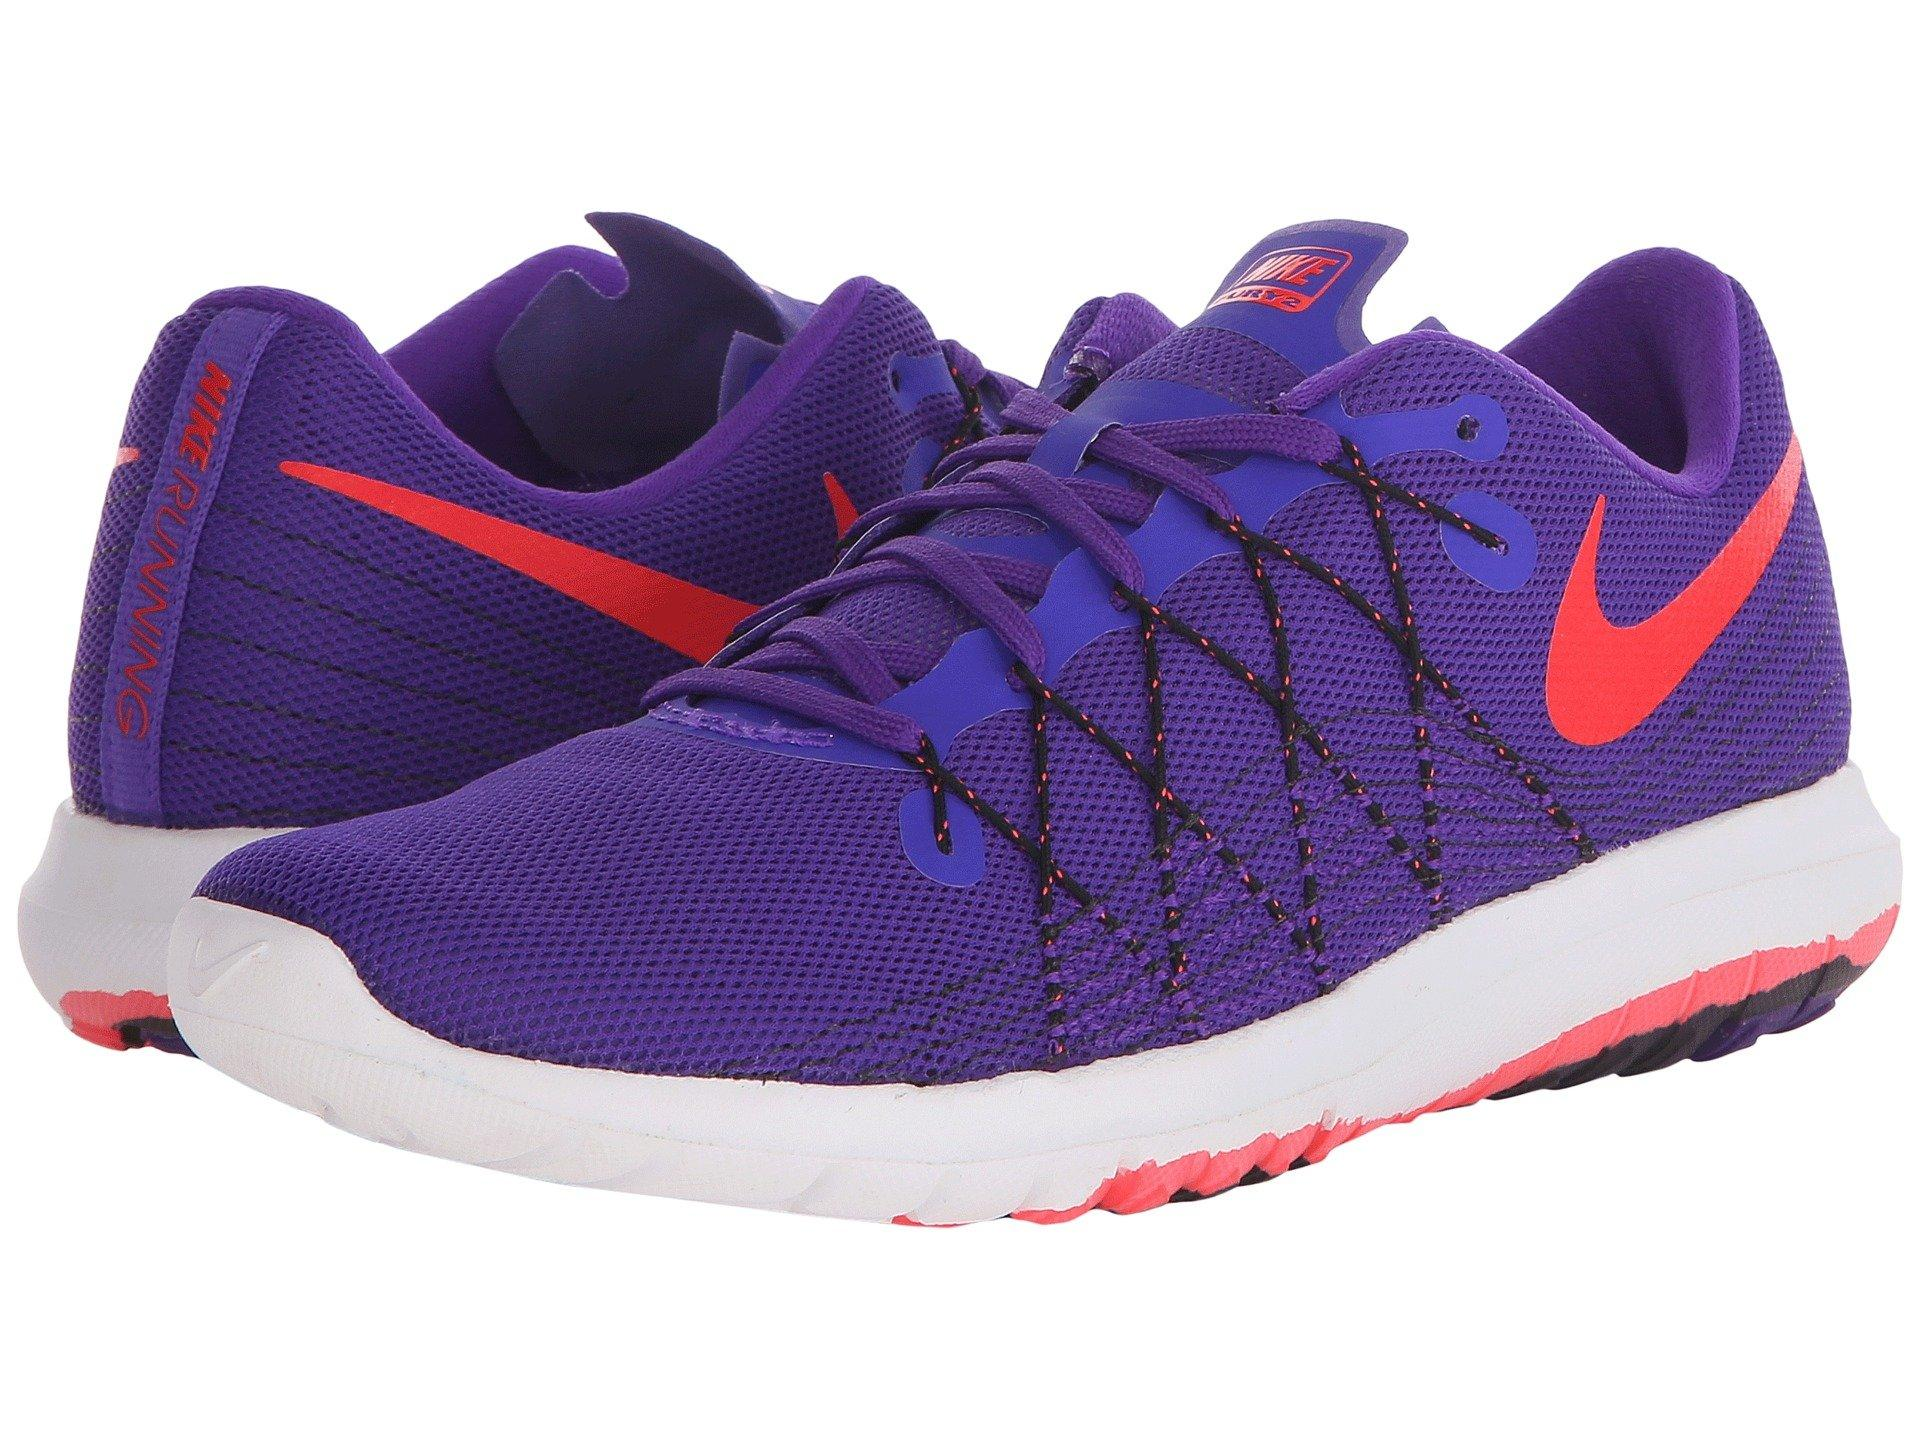 8ad755b0f167 Nike Flex Fury 2